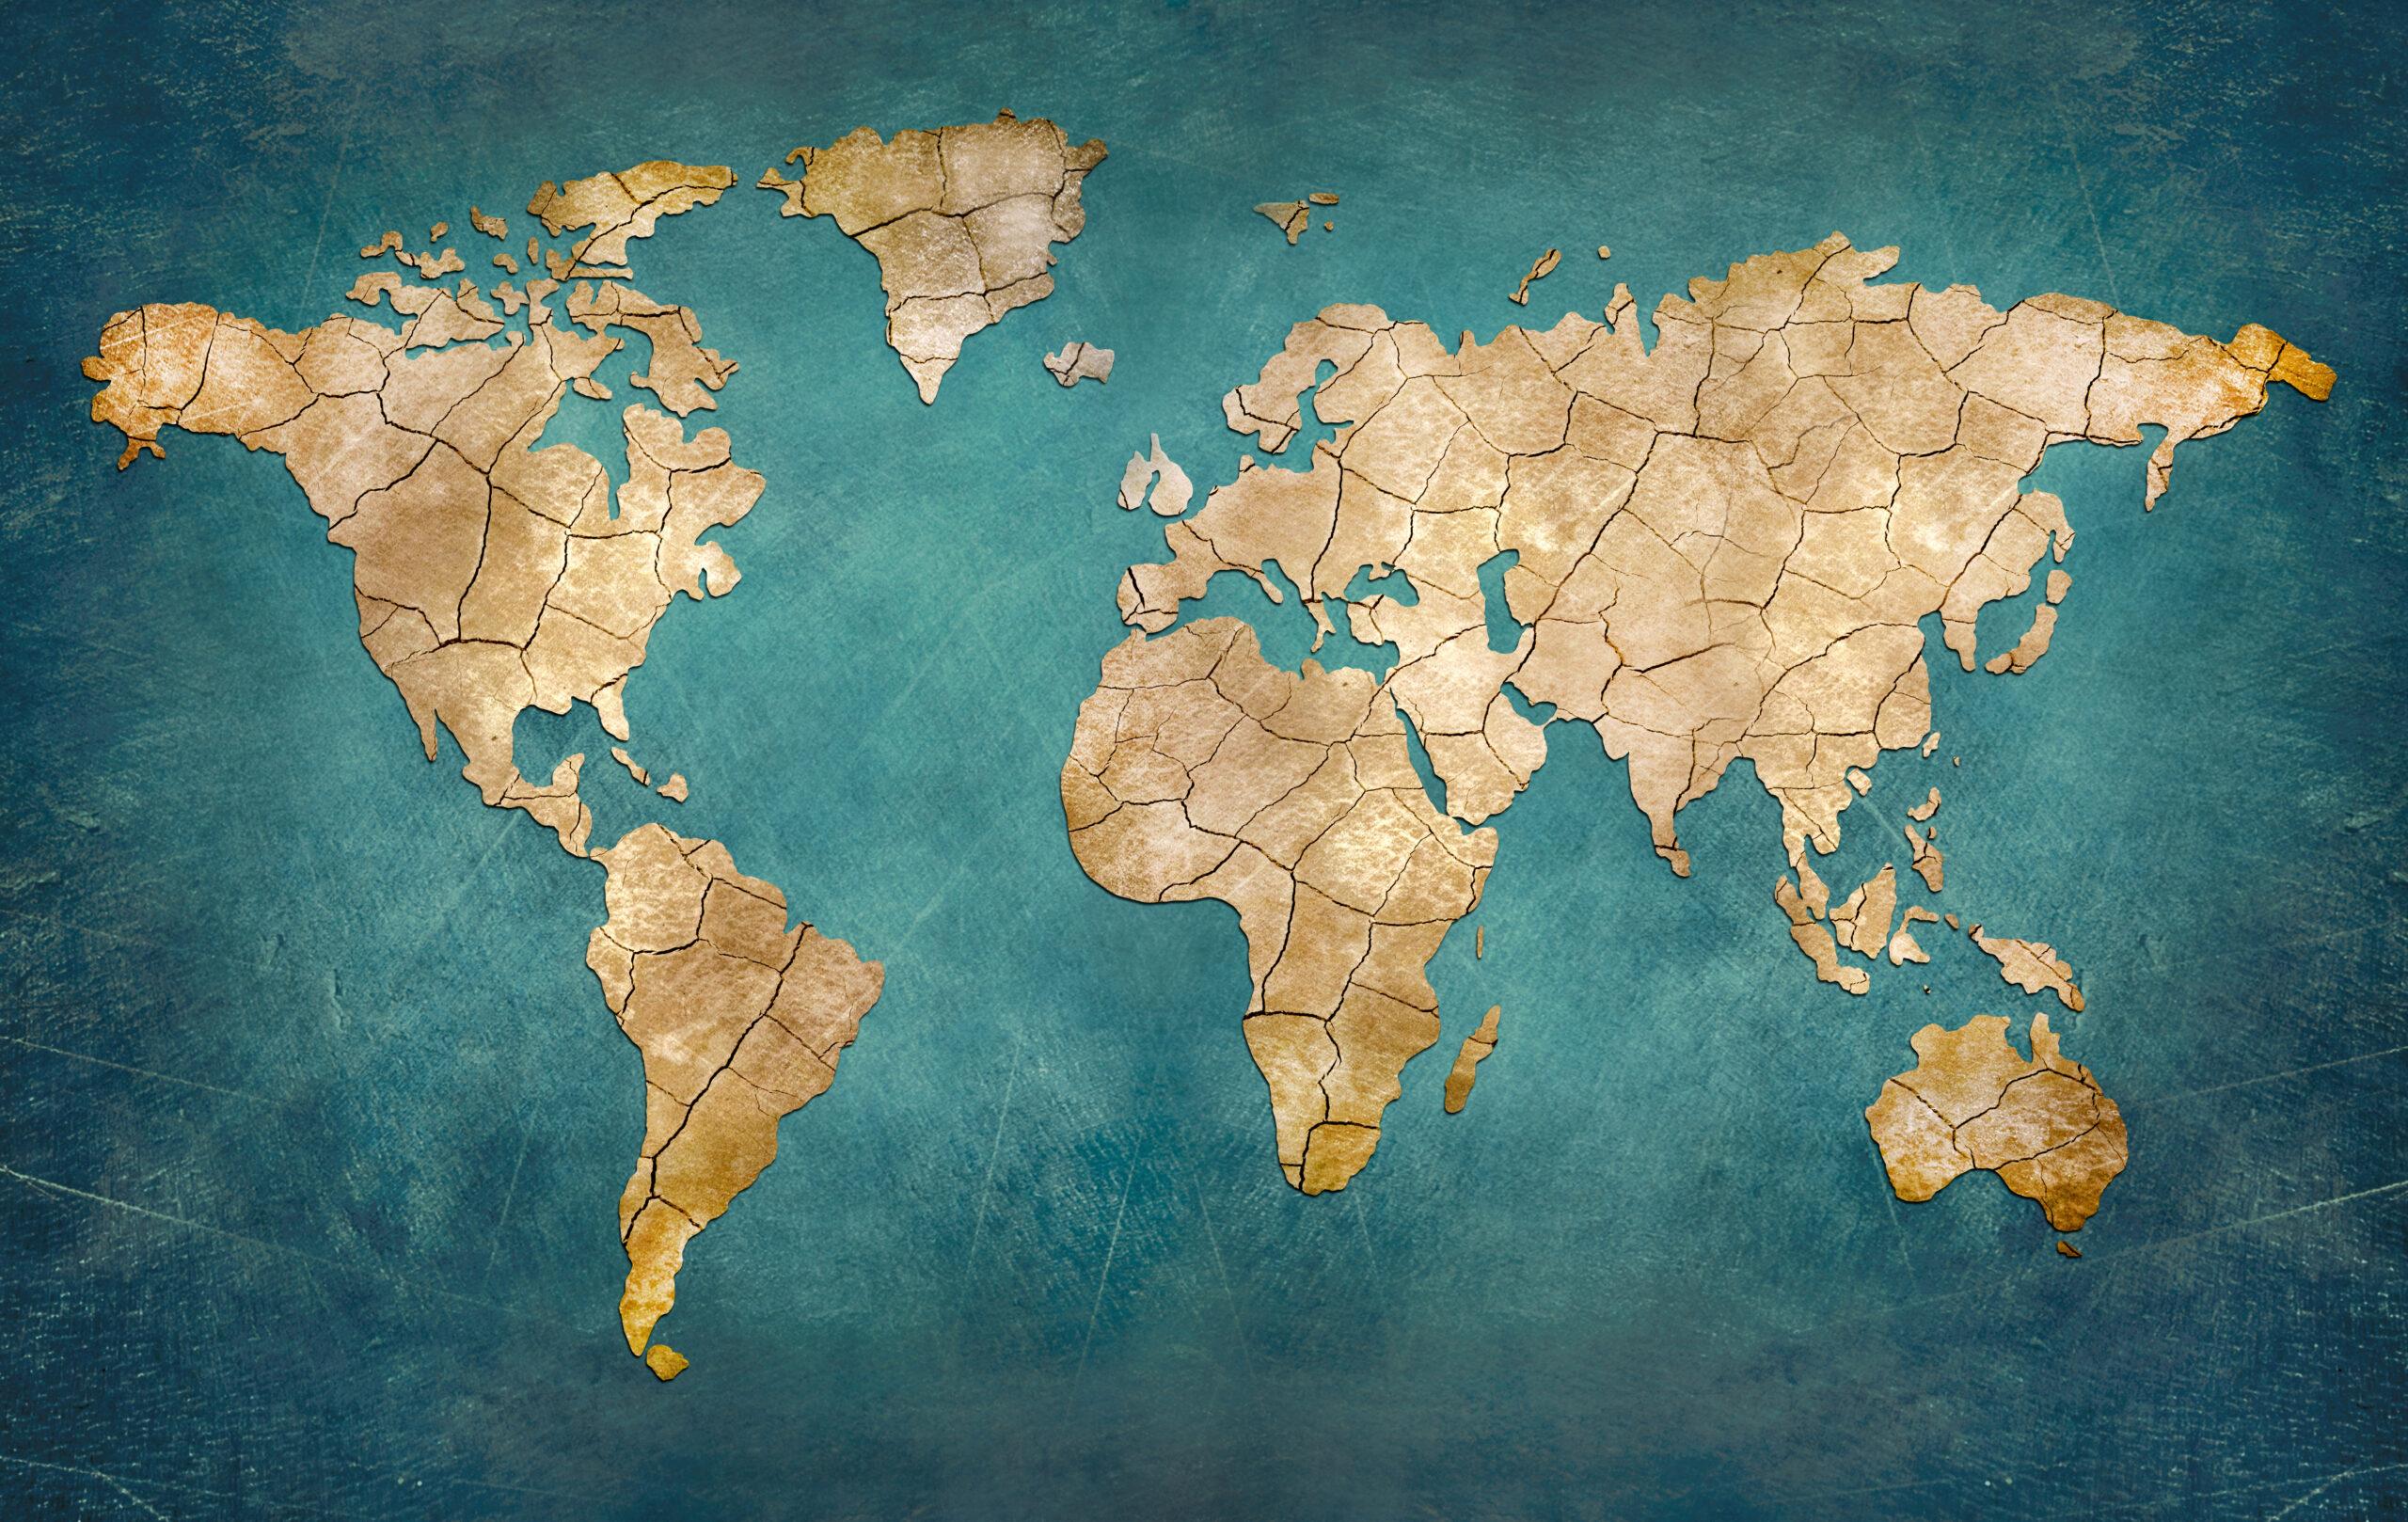 (Español) Desafíos comunes y retos en las relaciones entre Europa y América Latina